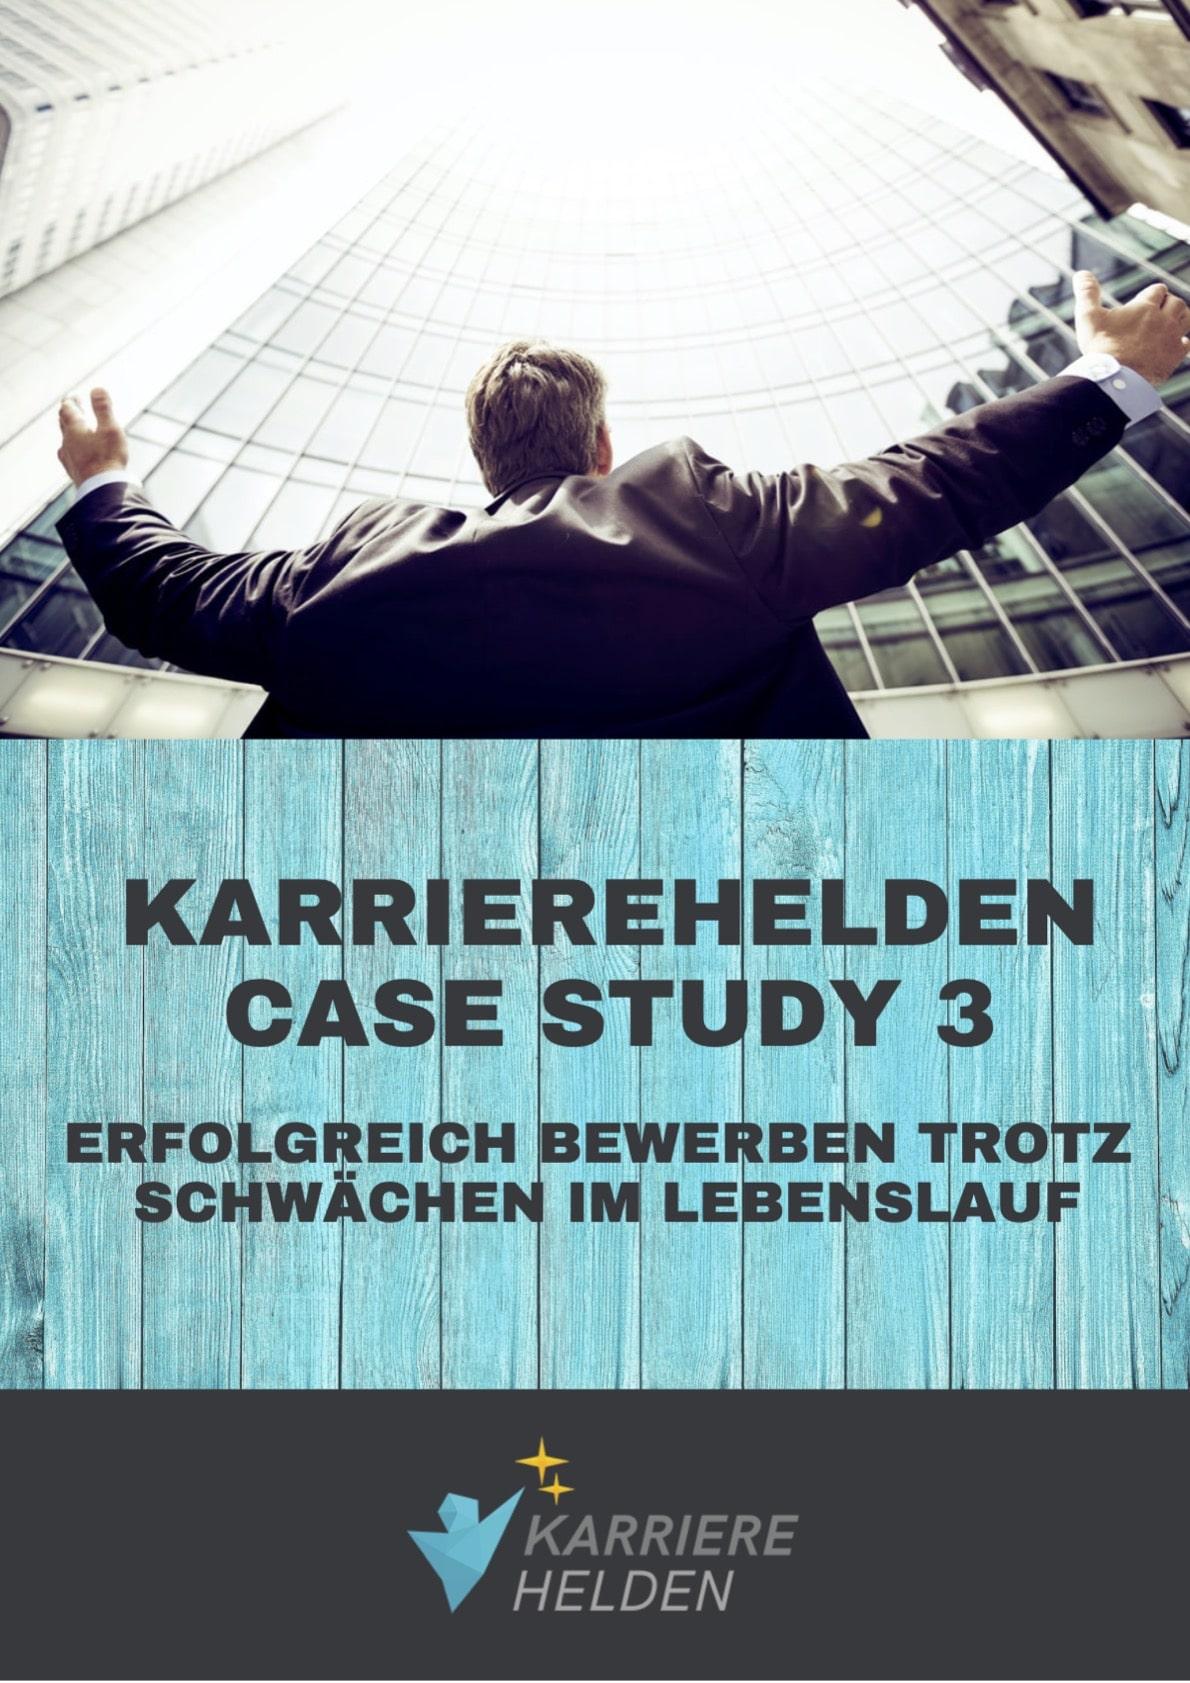 Case Study 3 - Unklarer Lebenslauf